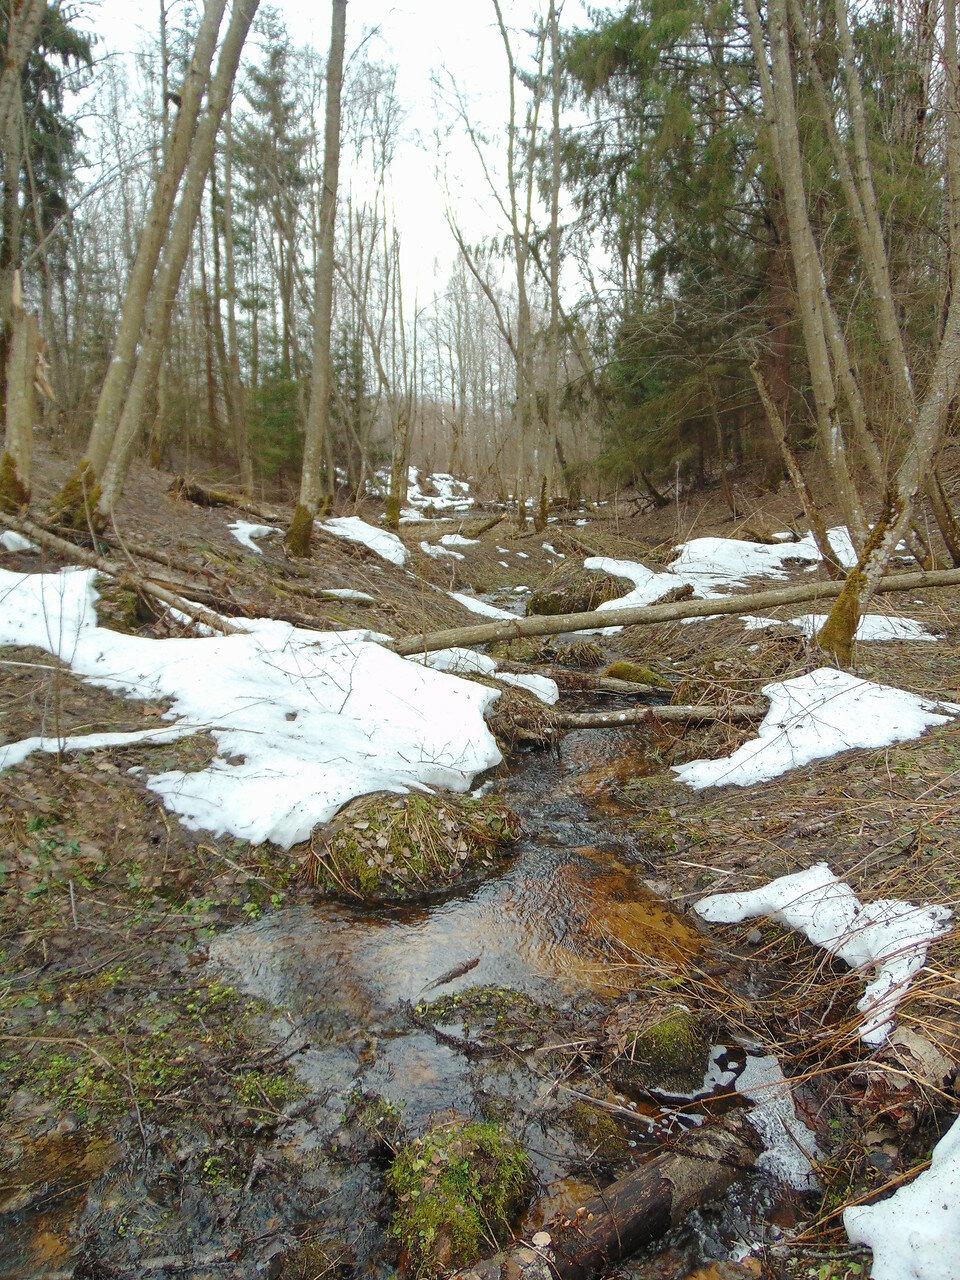 Последний снег превращается в ручьи.